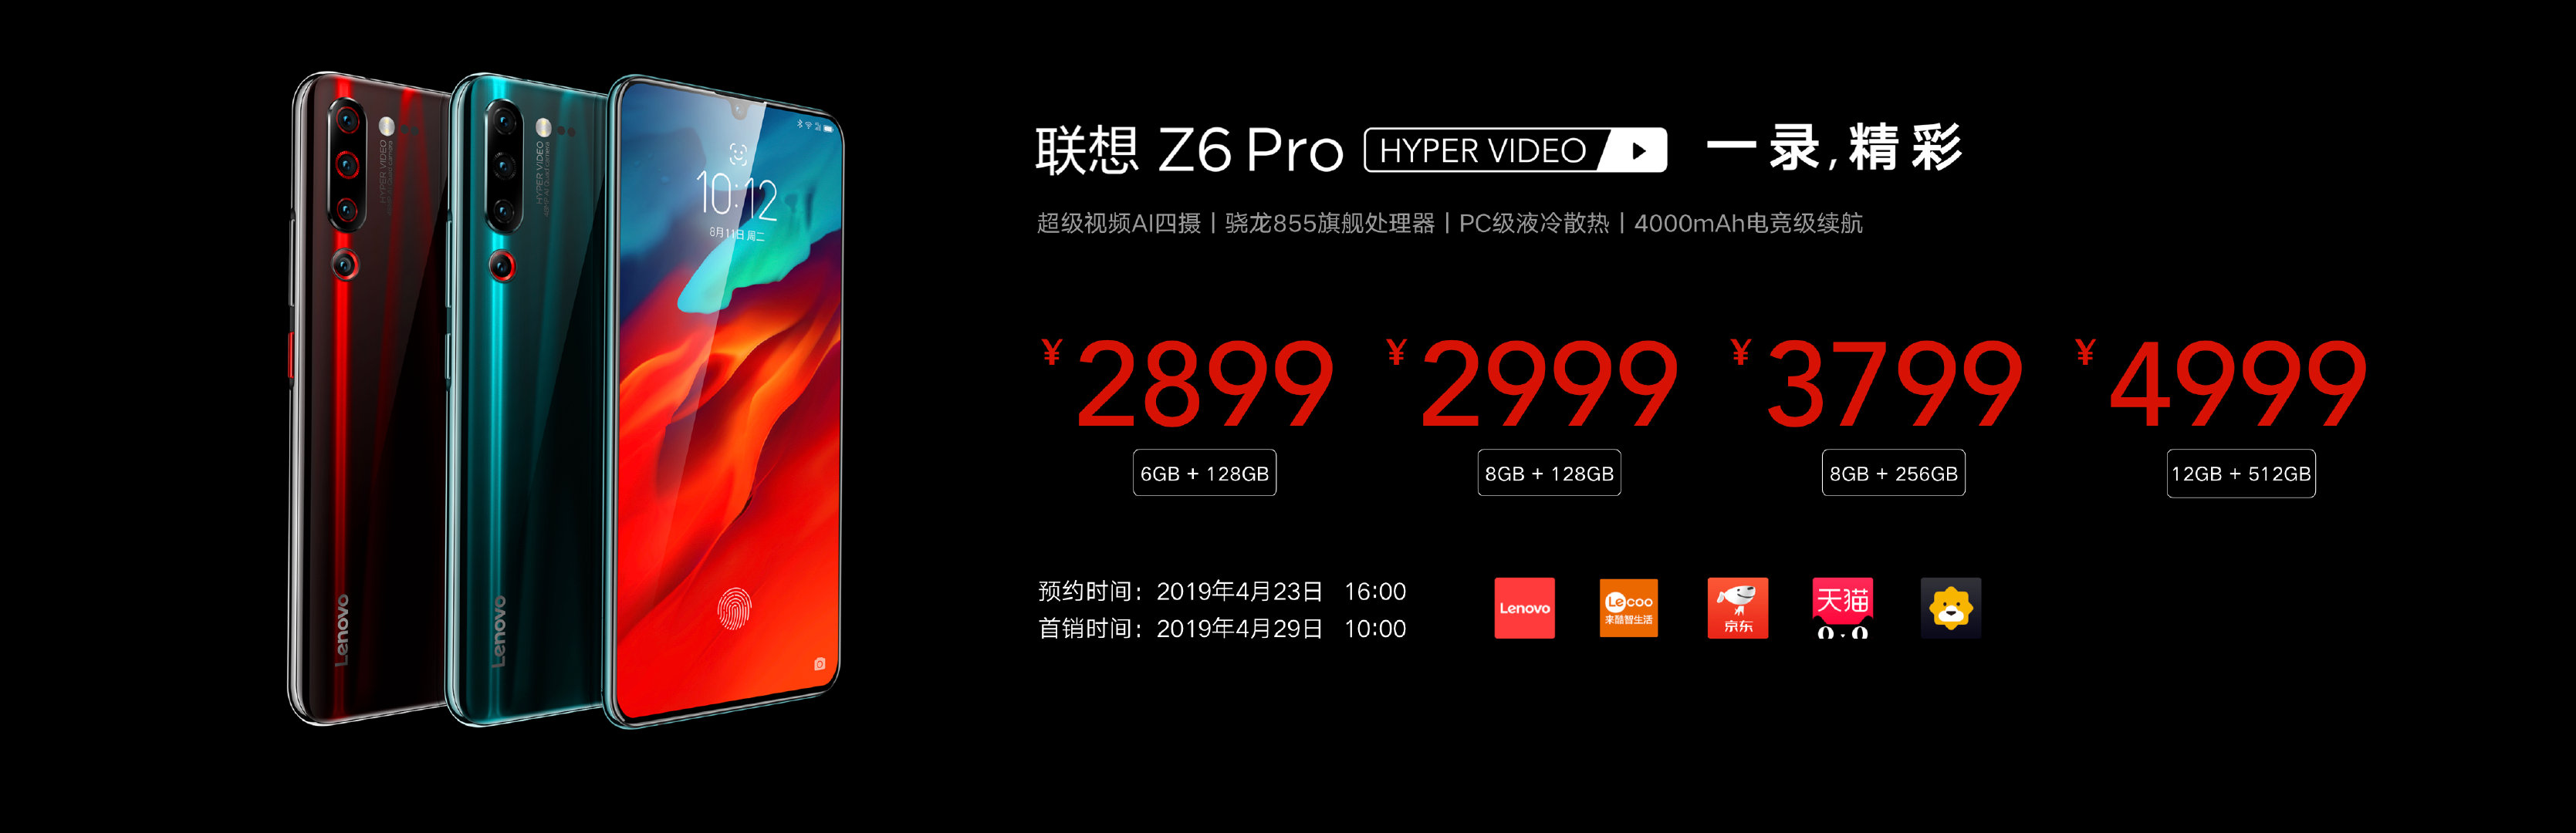 联想Z6 Pro正式发布 骁龙855加持带来超级视频AI四摄的照片 - 6